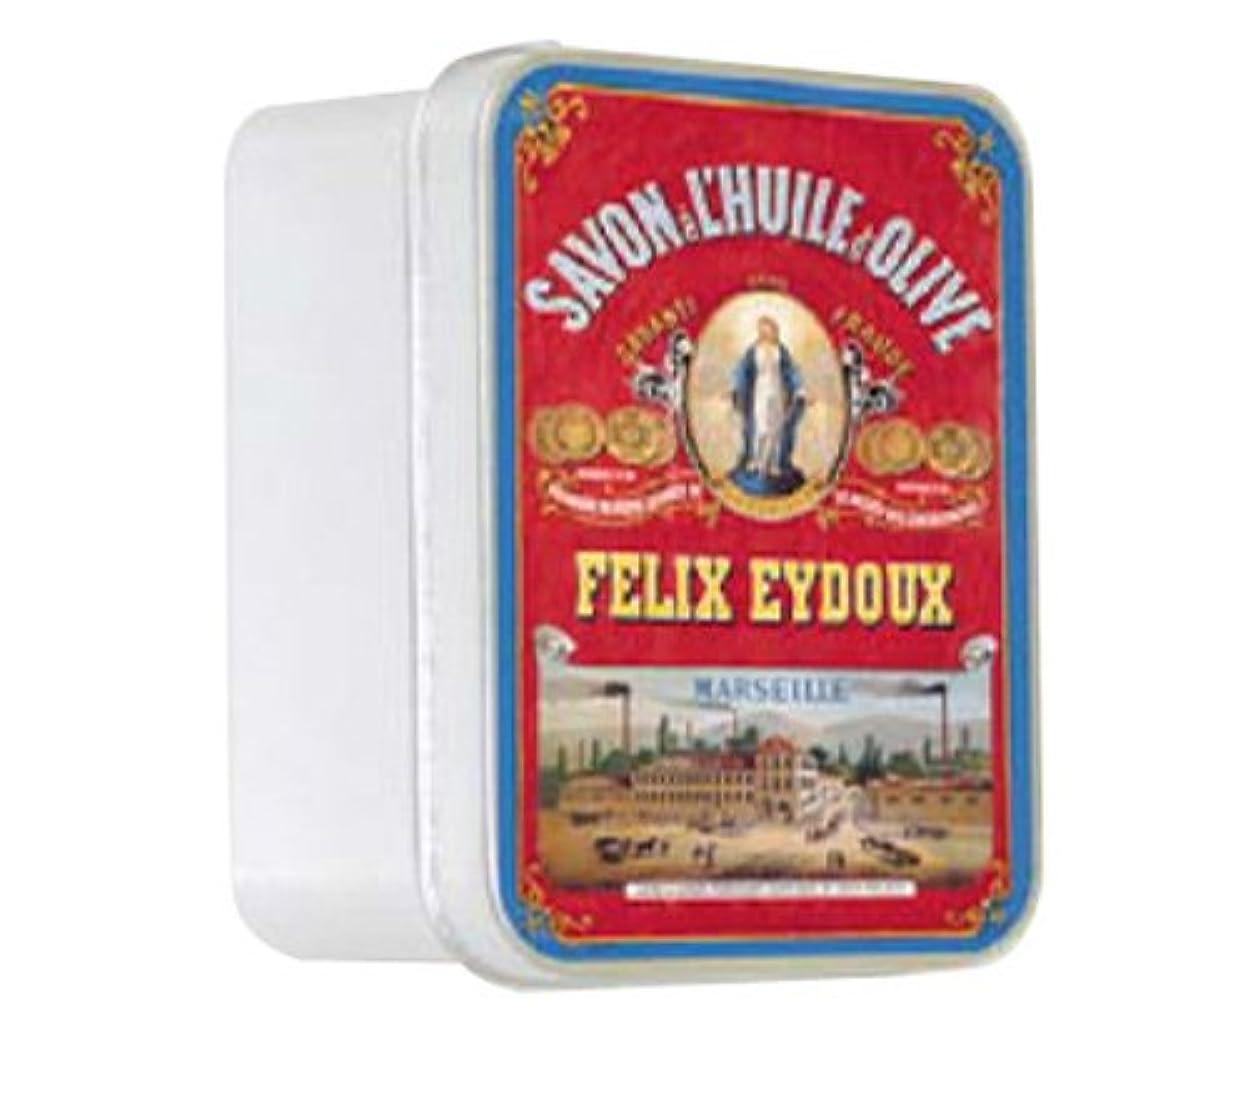 ペインブルゴーニュジョイントルブランソープ メタルボックス(マルセイユソープ?オリーブの香り)石鹸